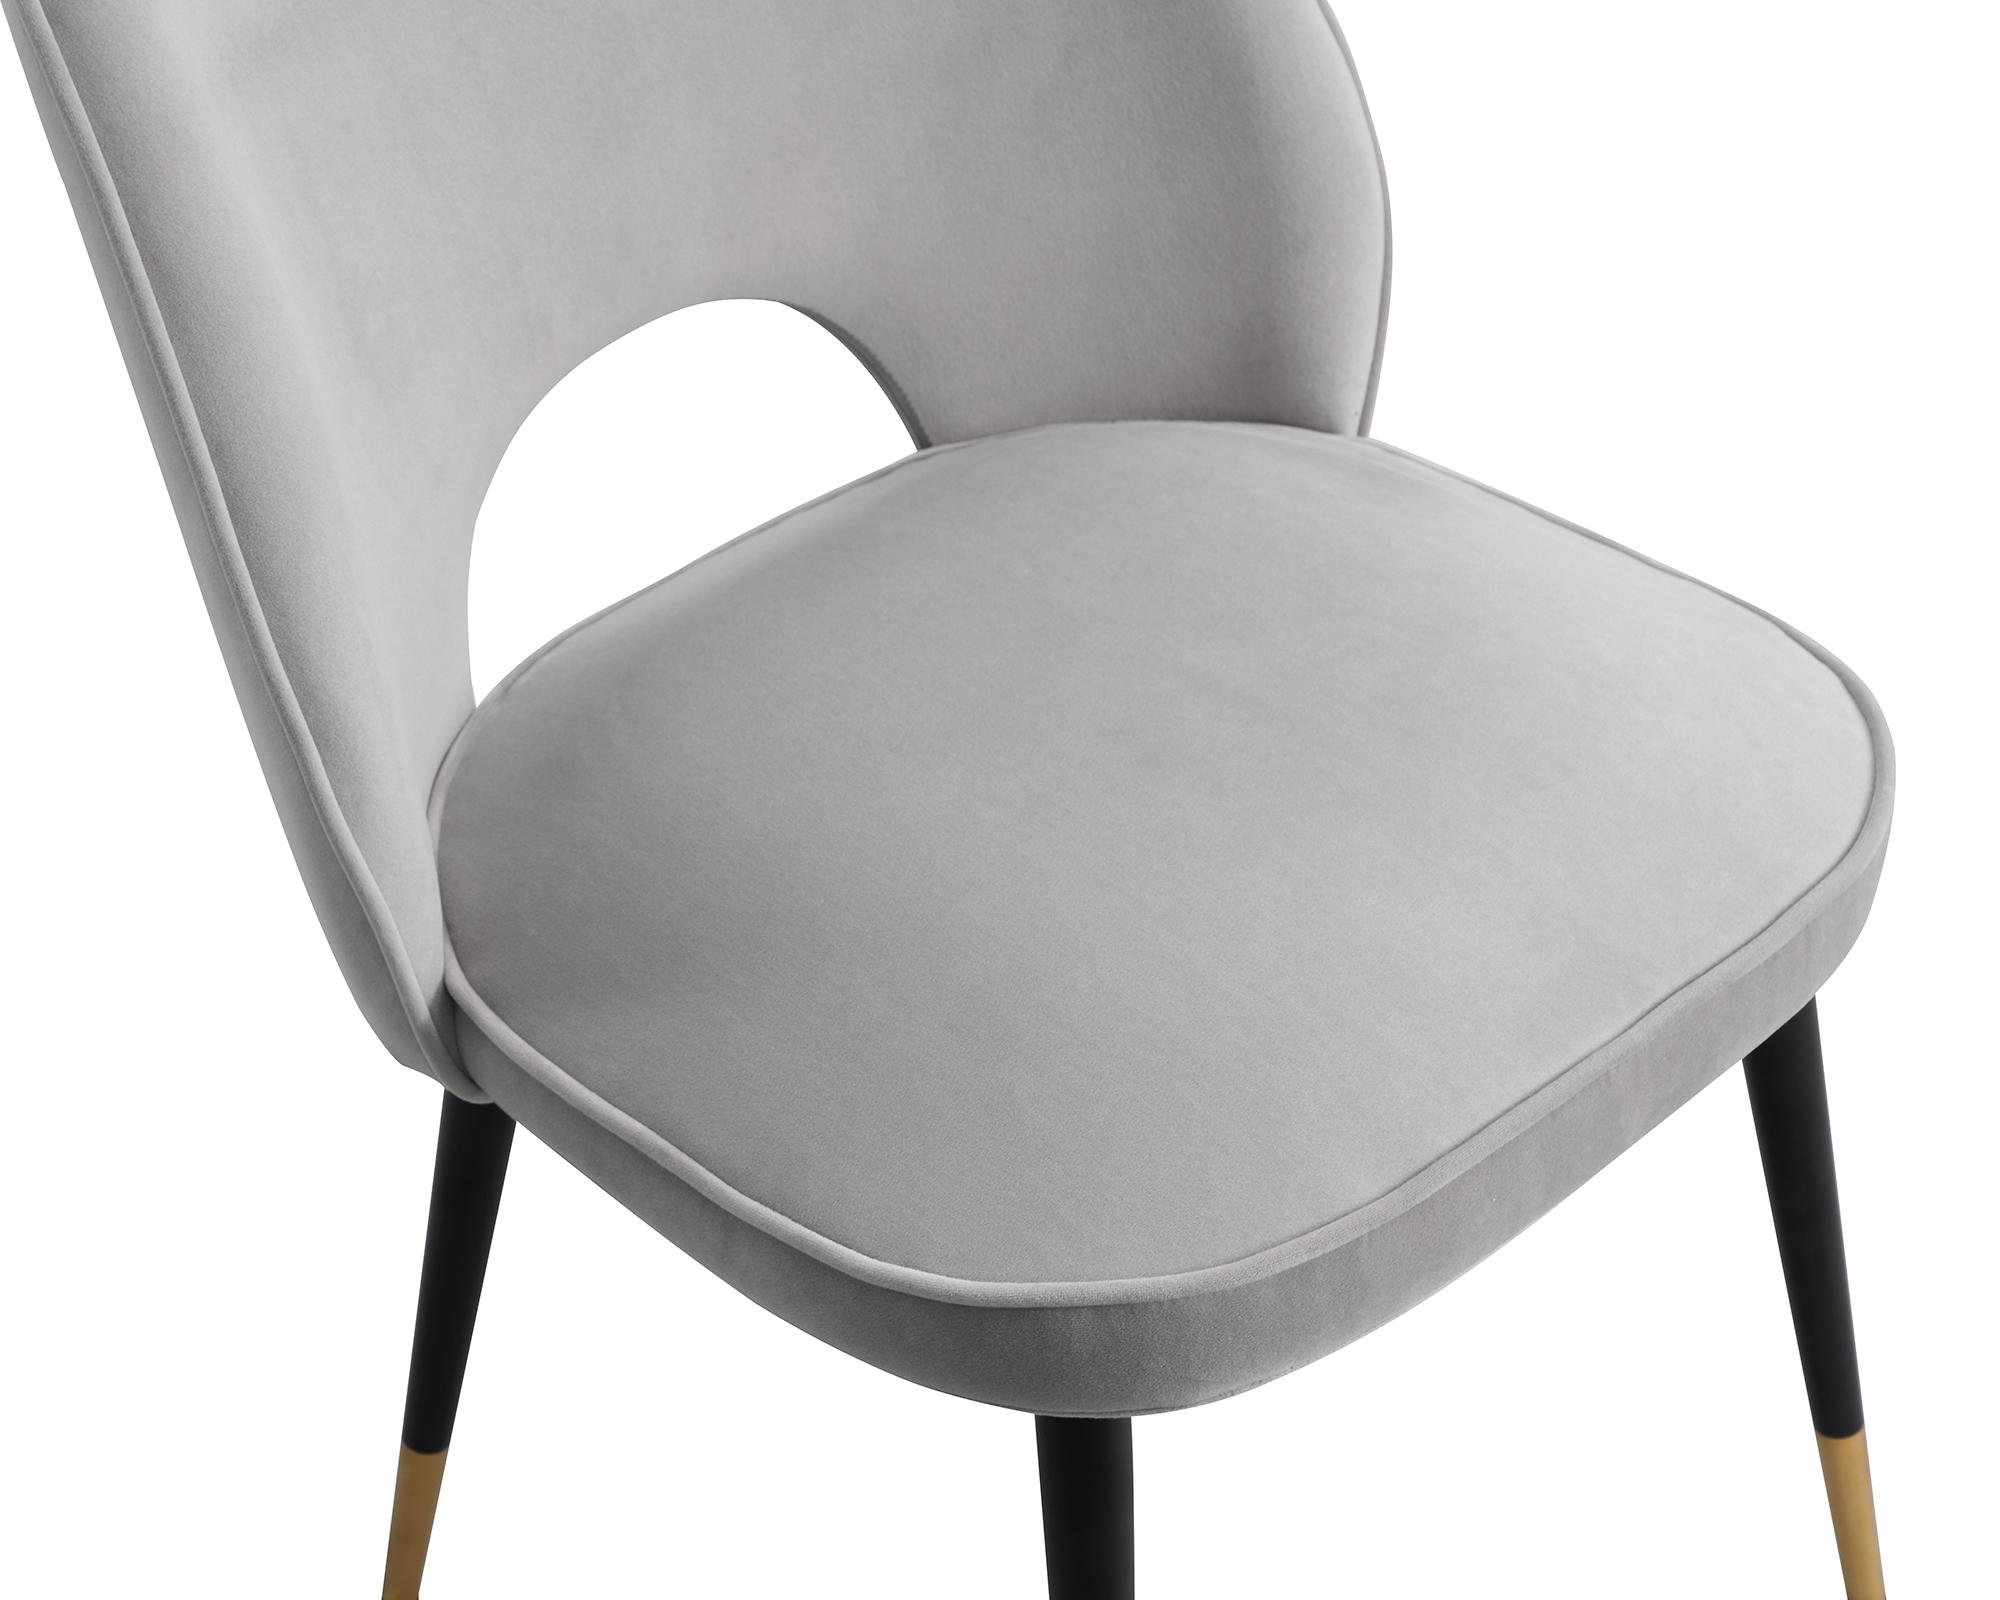 Liang & Eimil GV-DCH-019 Jagger Chair (6)